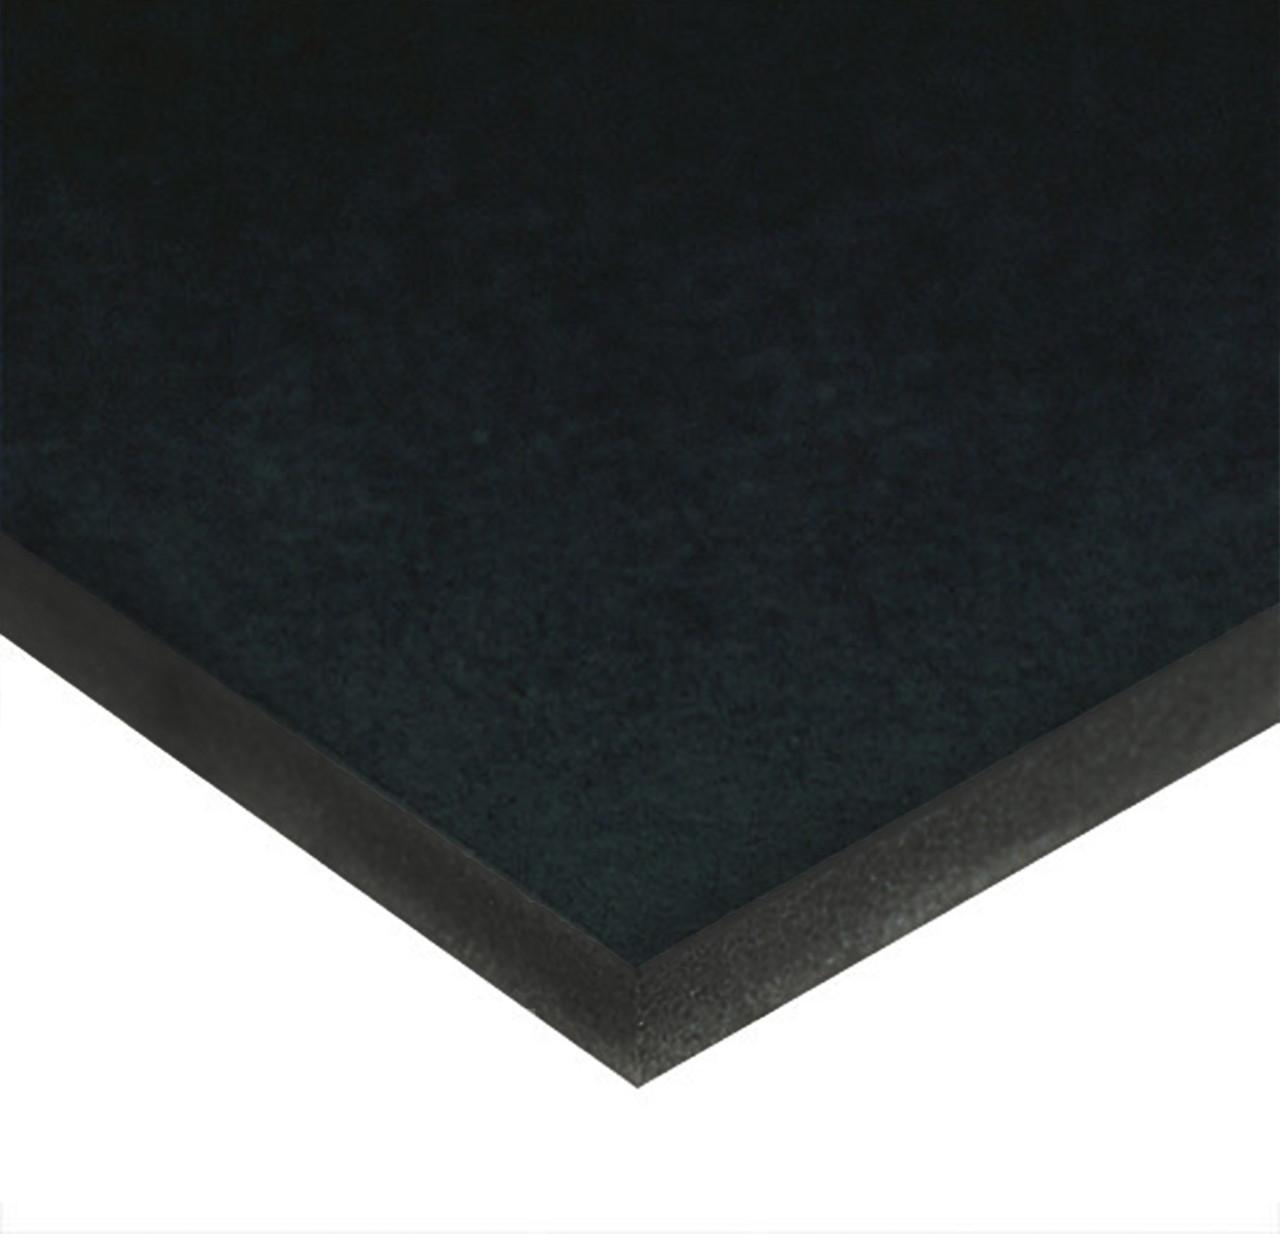 Solid Black 4 X 8 Foamcore Bead Board Foam Board Gator Board